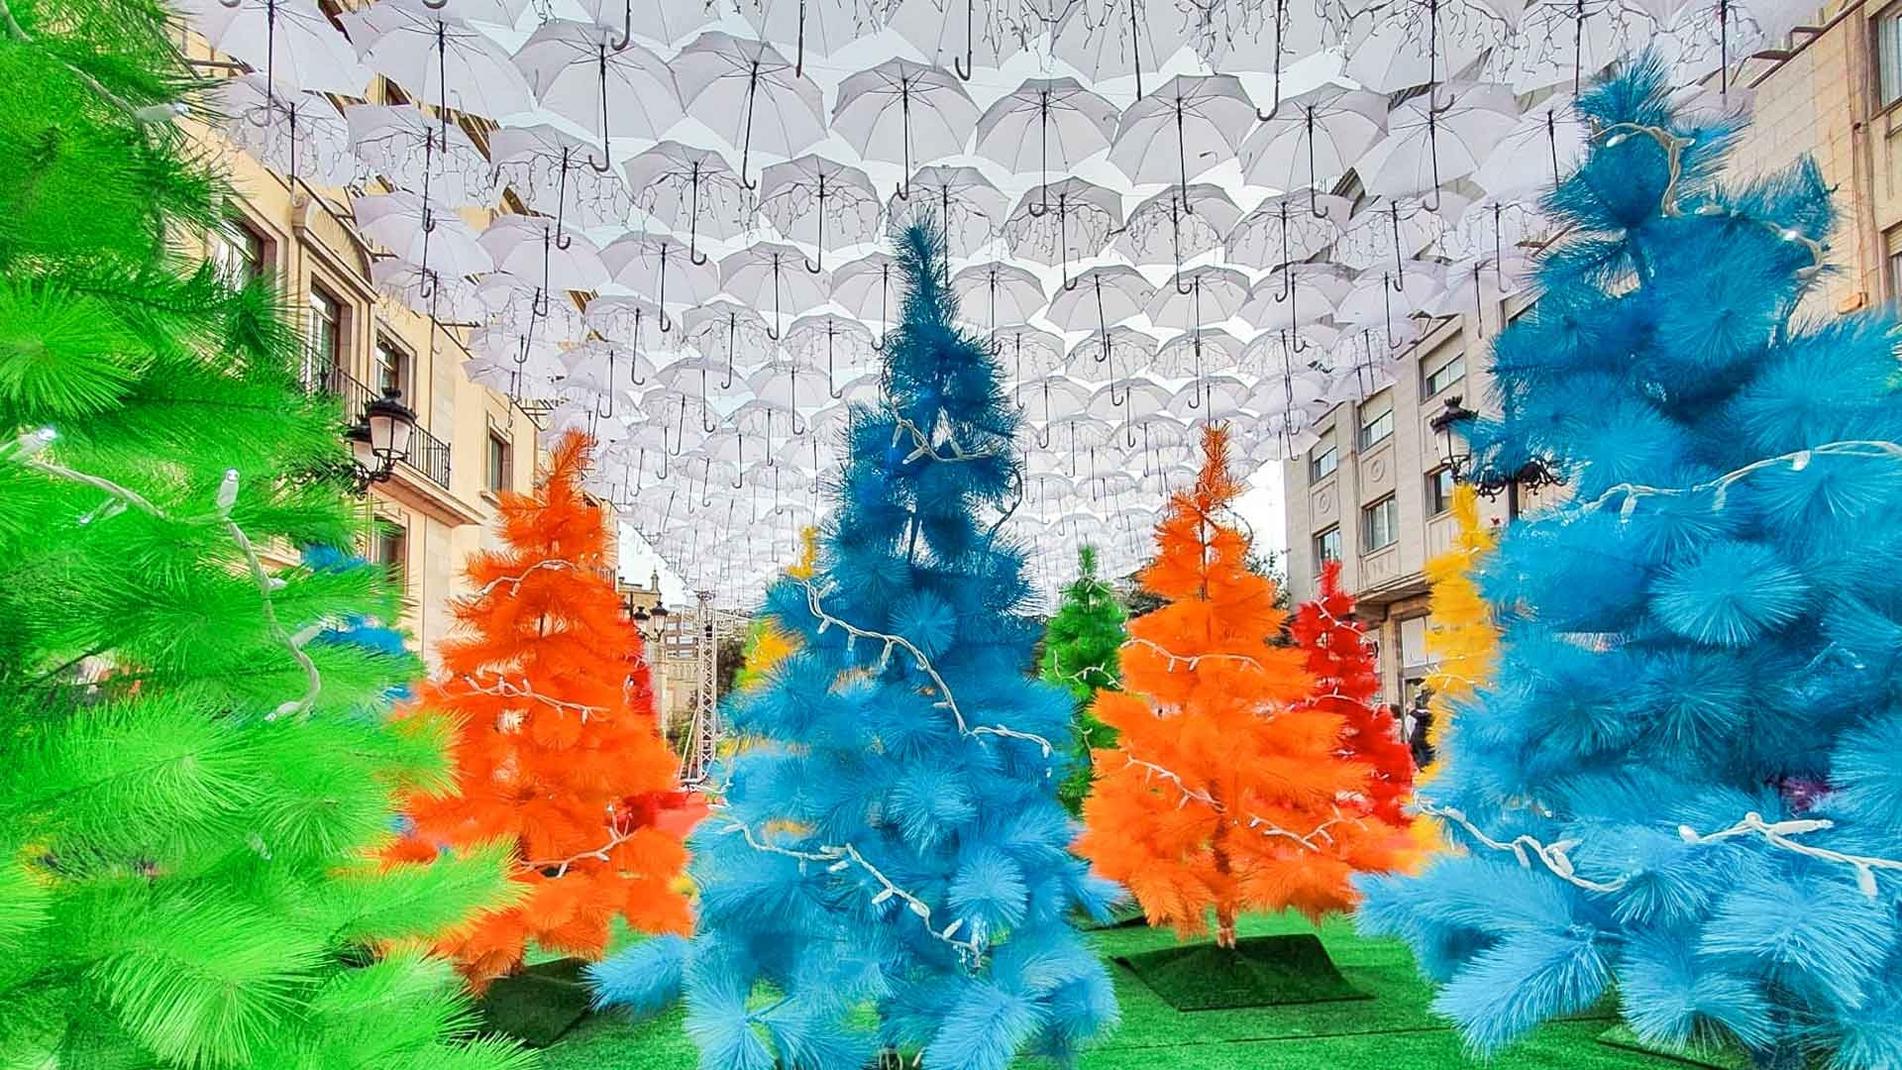 Umbrella Sky Project - Castelló de La Plana'19